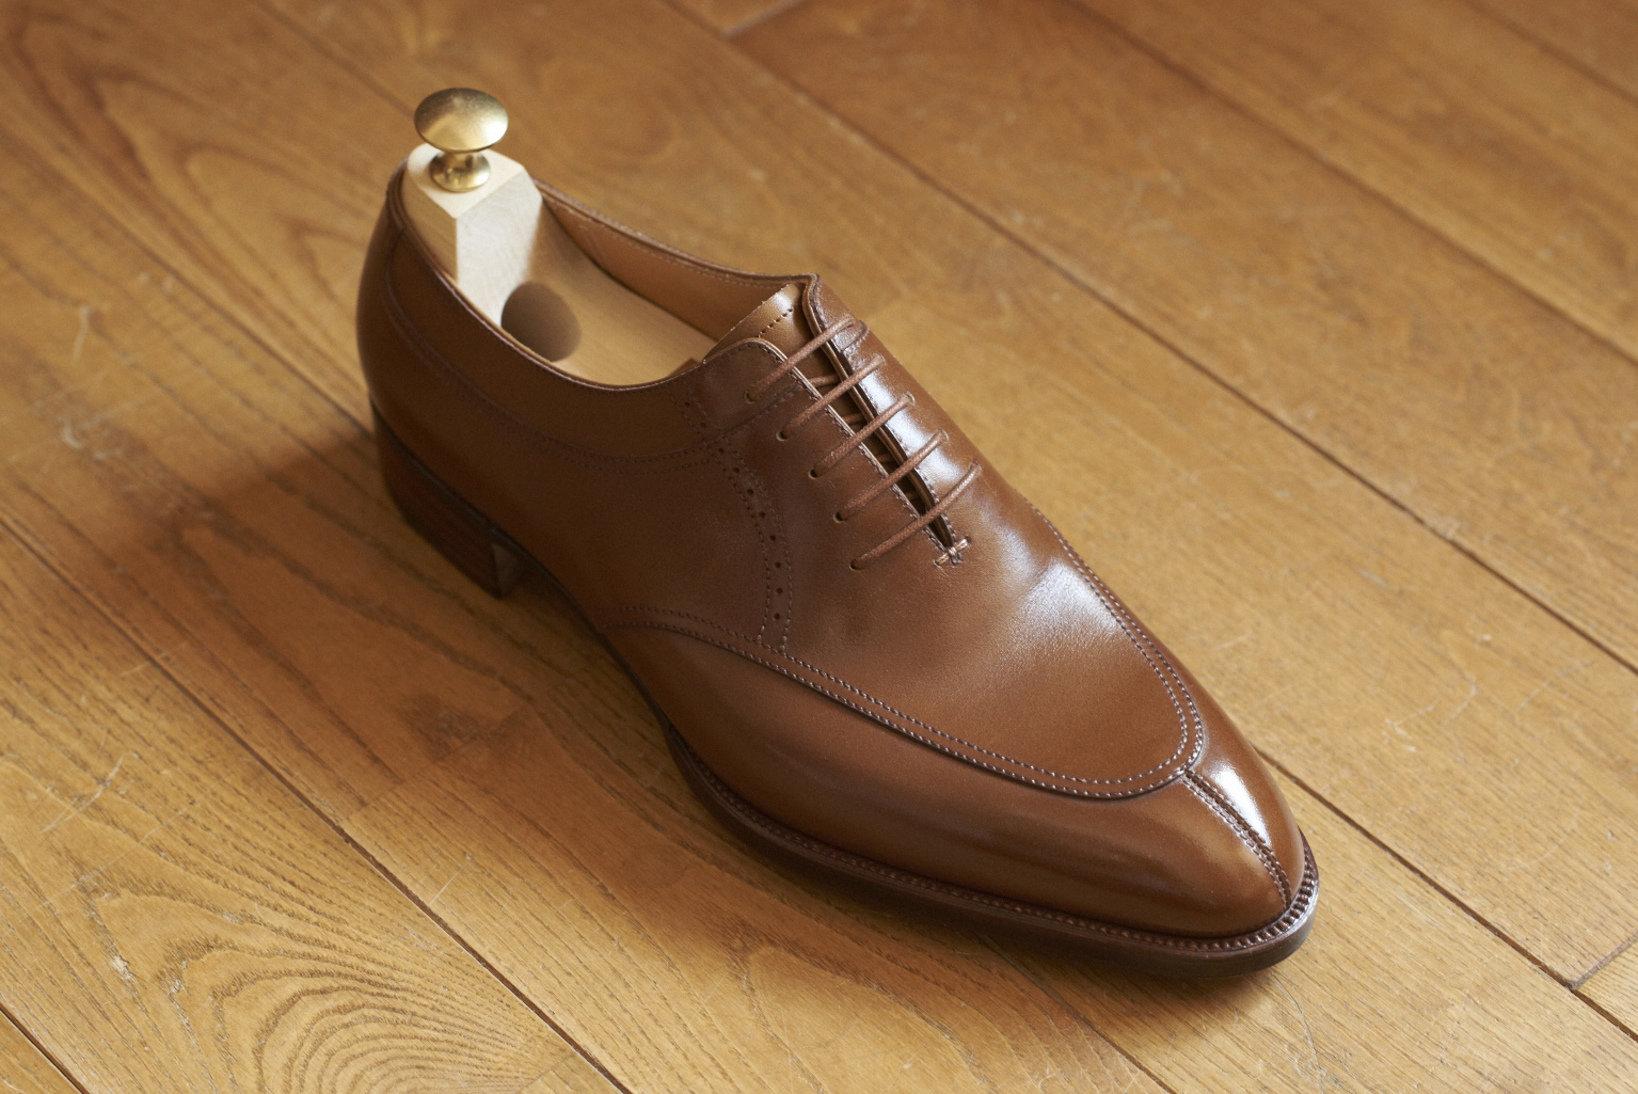 極めて珍しい内羽根式のエプロンフロント(日本で言うところのUチップ)。甲のモカシン縫いと履き口の少し下にある縫い目線とが呼応し合い、伸びやかな一足に仕上がっている。